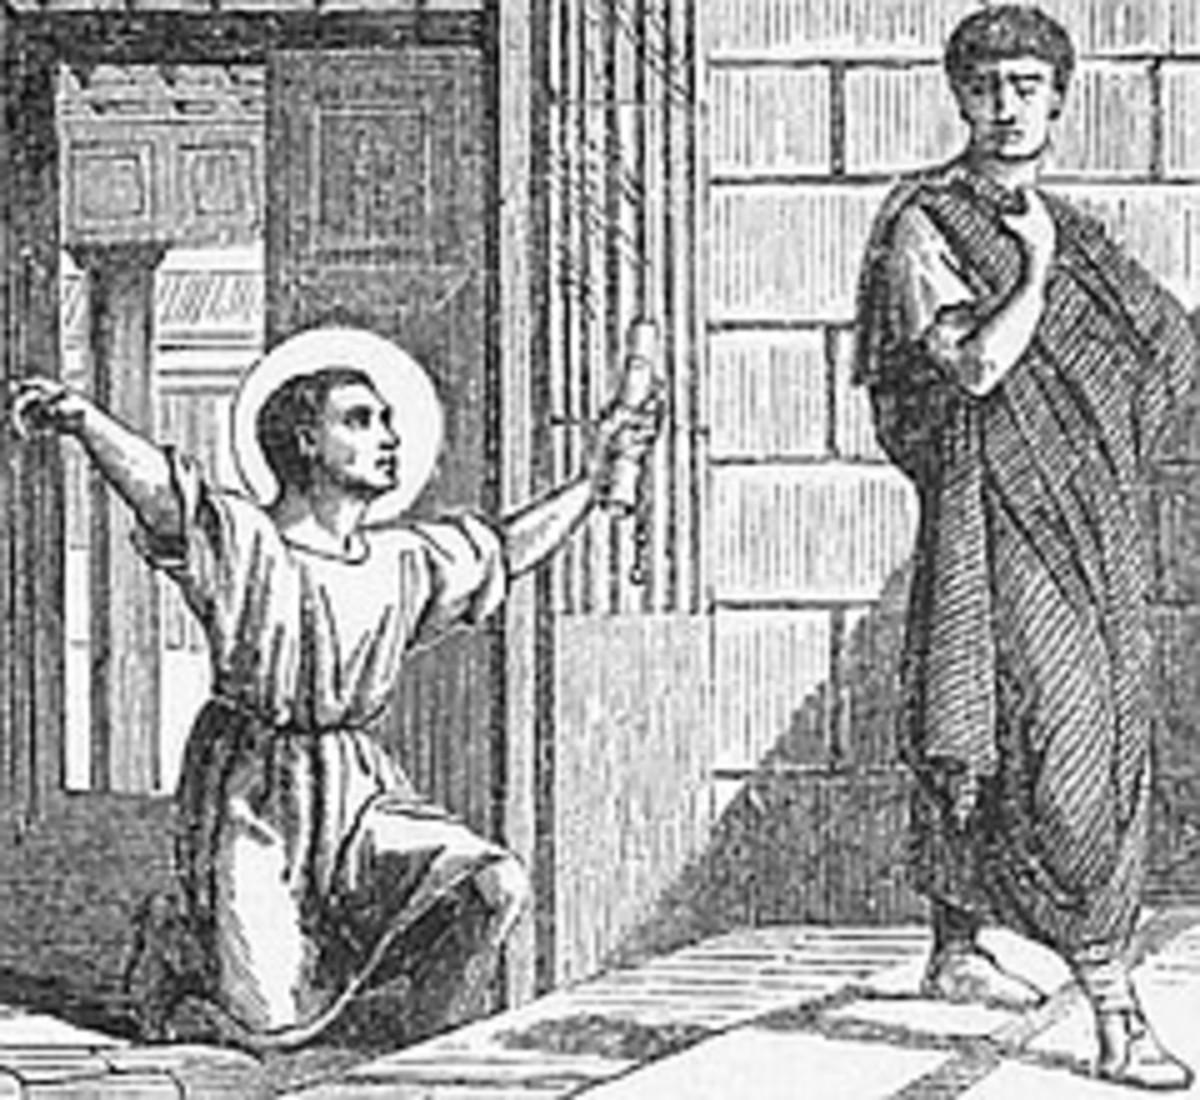 Onesimus returns to Philemon